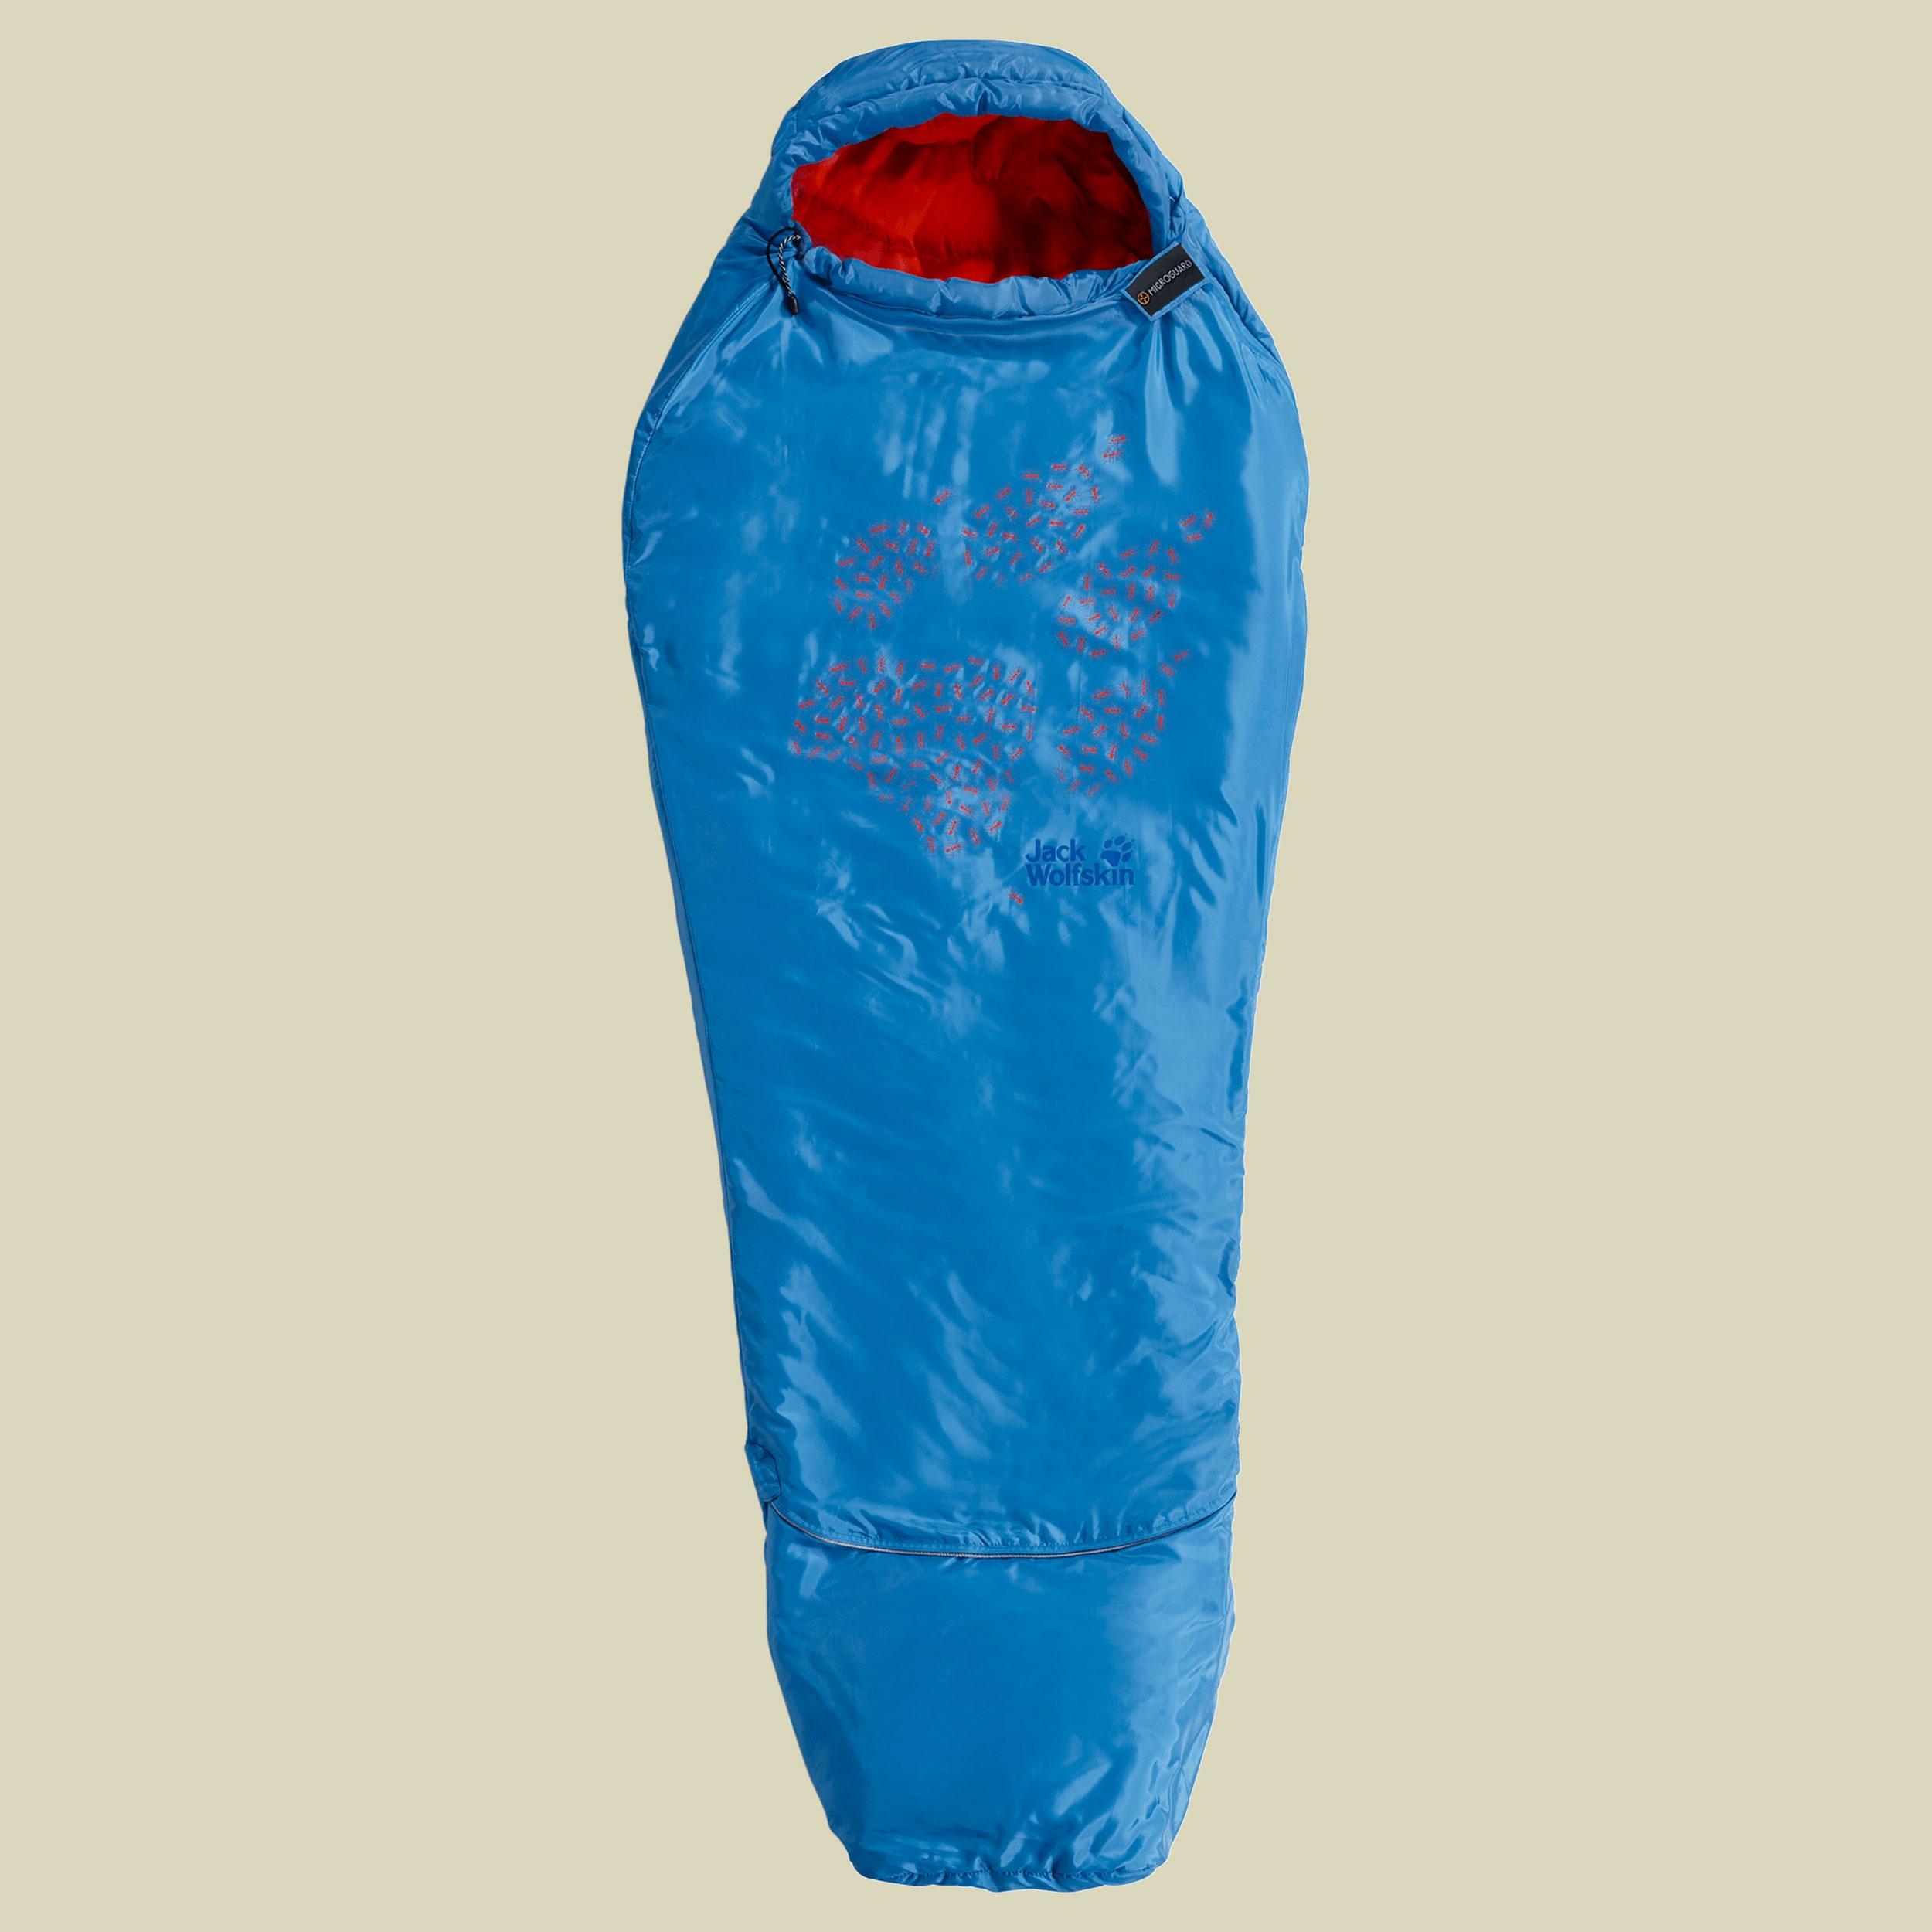 Jack Wolfskin Grow Up Kids Kinderschlafsack bis Körpergröße 140 cm brilliant blue